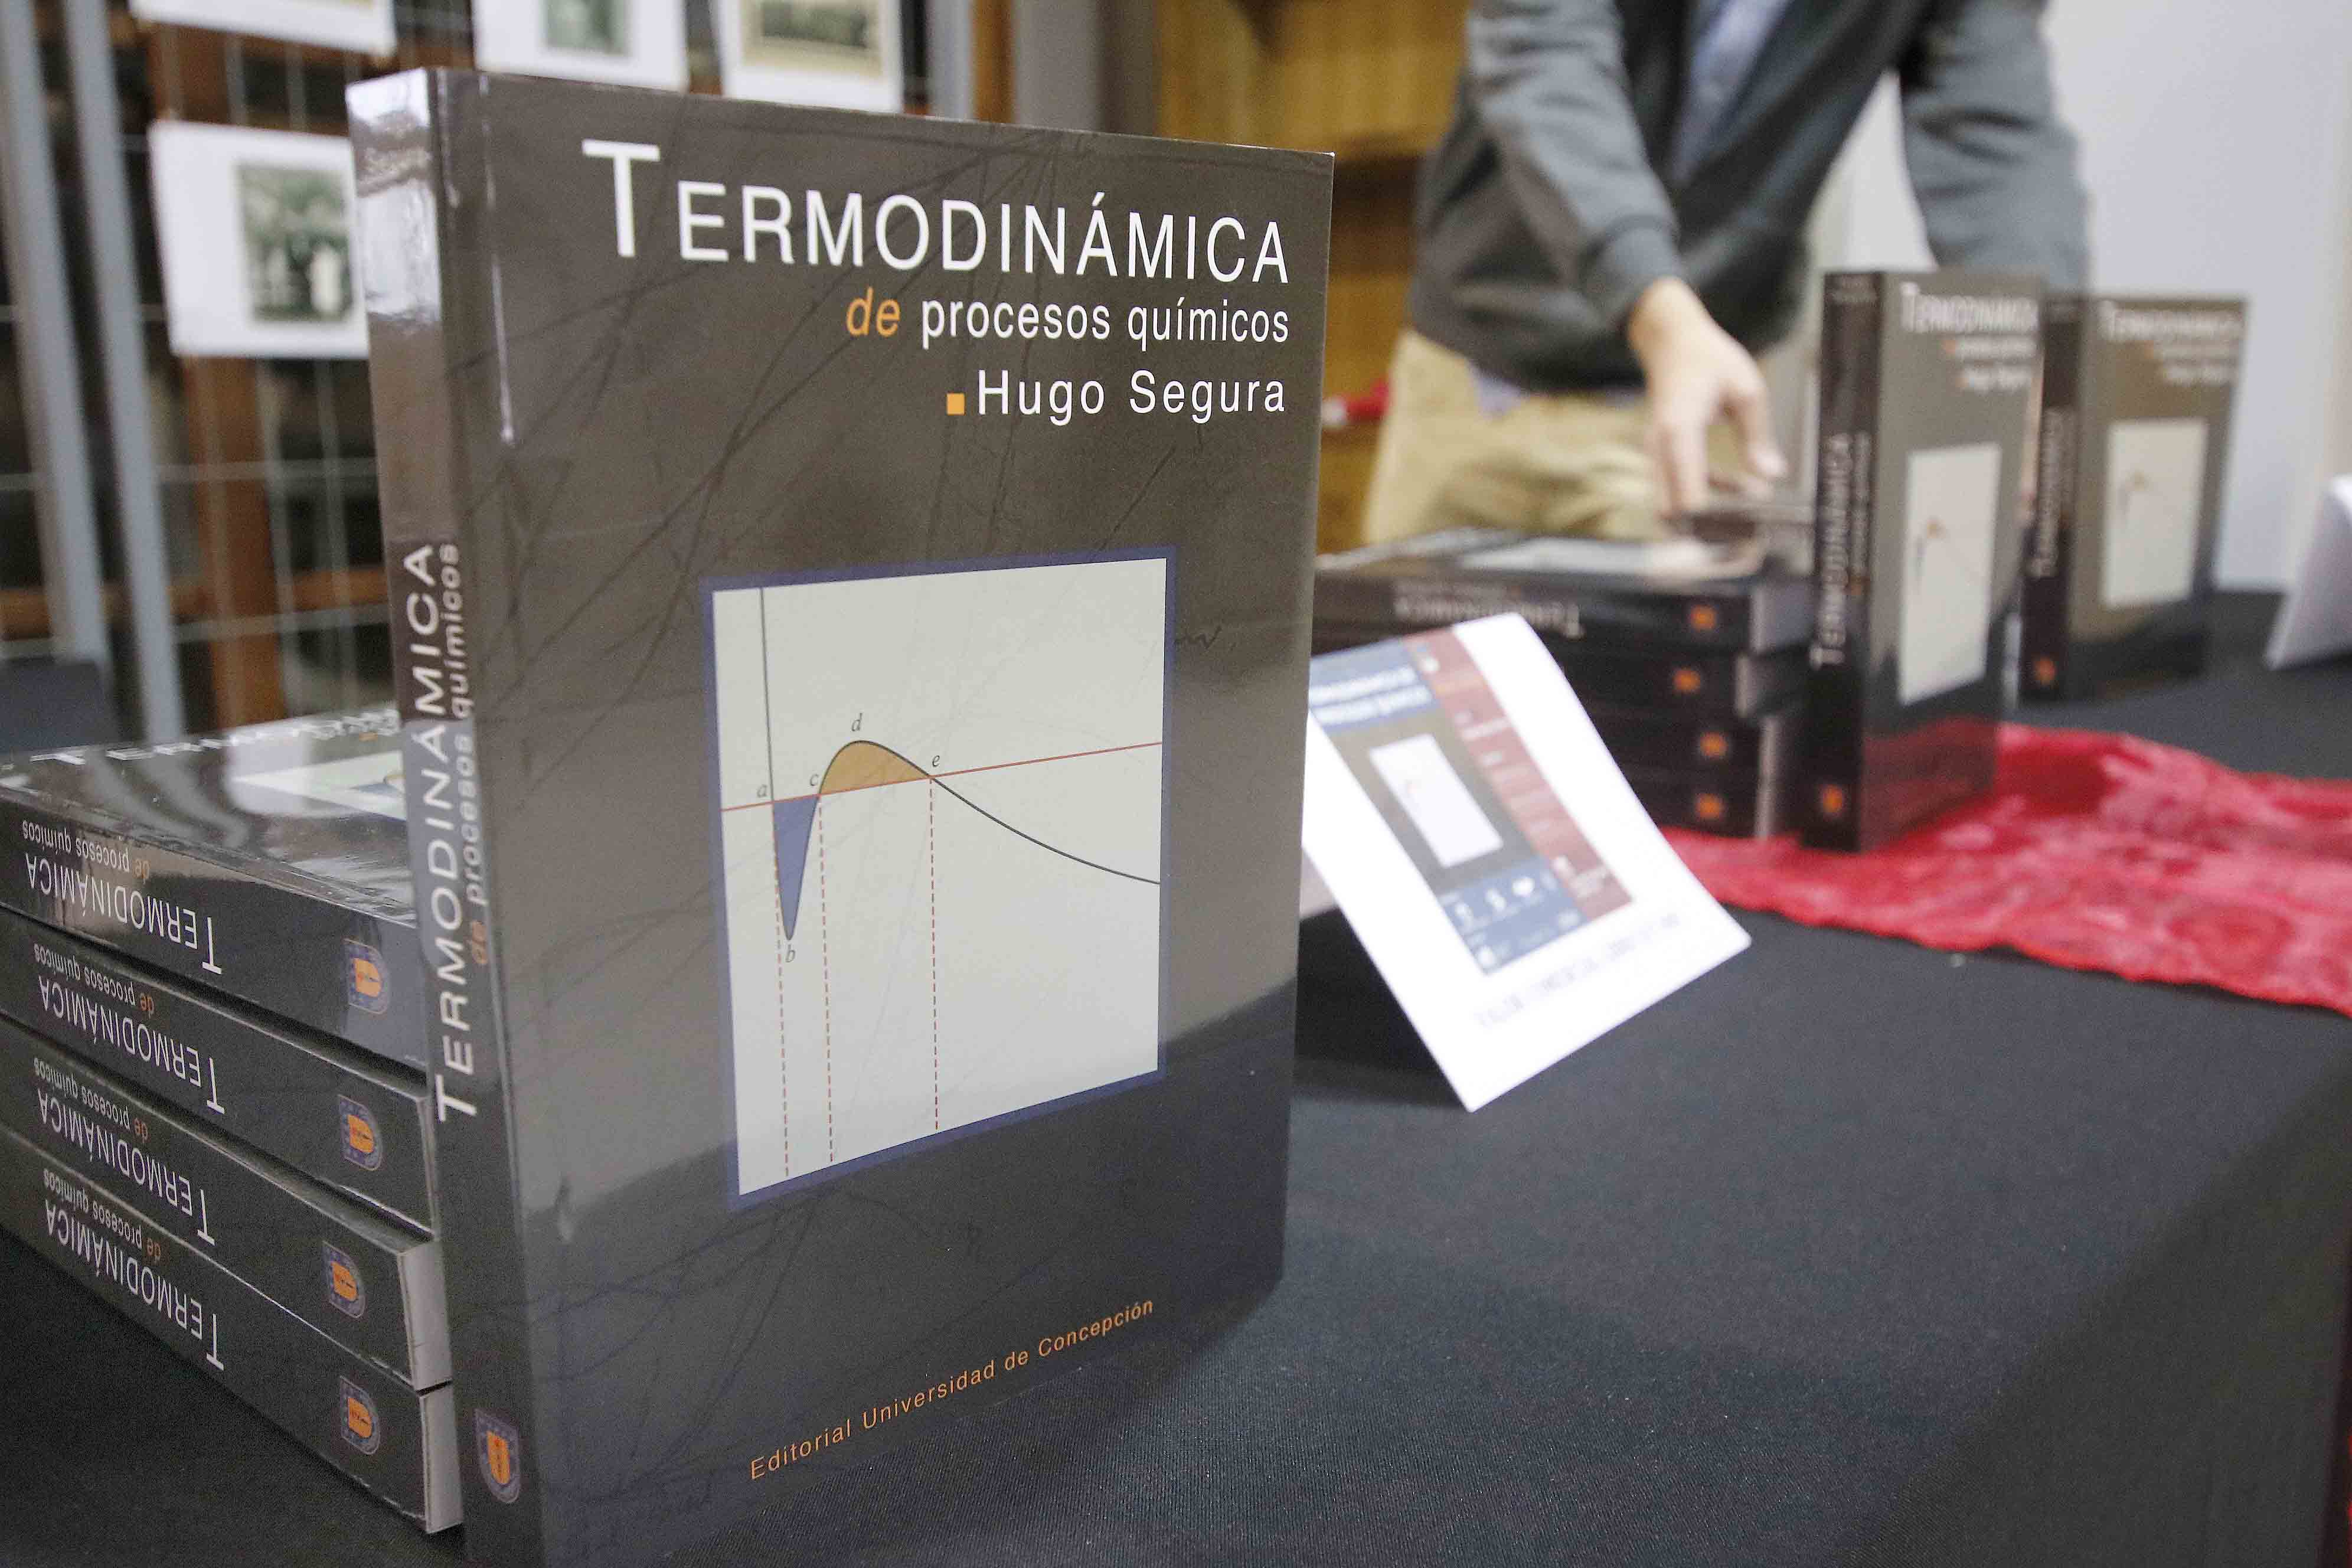 Ingeniería Química lanza nueva edición de libro de Termodinámica del fallecido profesor Hugo Segura